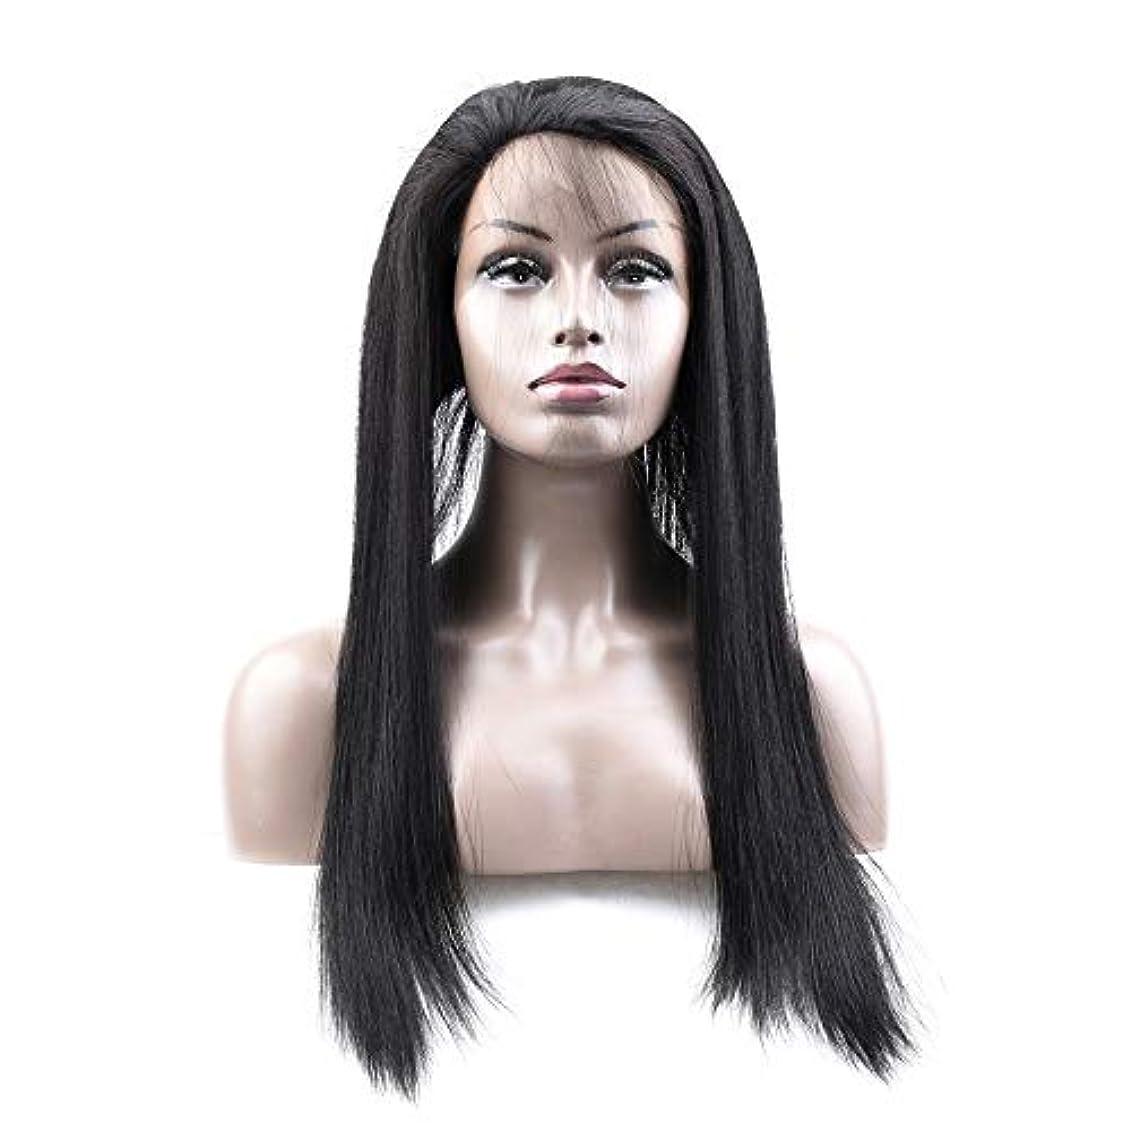 影響力のある時間厳守山積みのJULYTER ブラジルの360前頭ストレート本能的な髪レース前頭閉鎖ストレート人間の髪の毛1B本能的な色 (色 : 黒, サイズ : 14 inch)